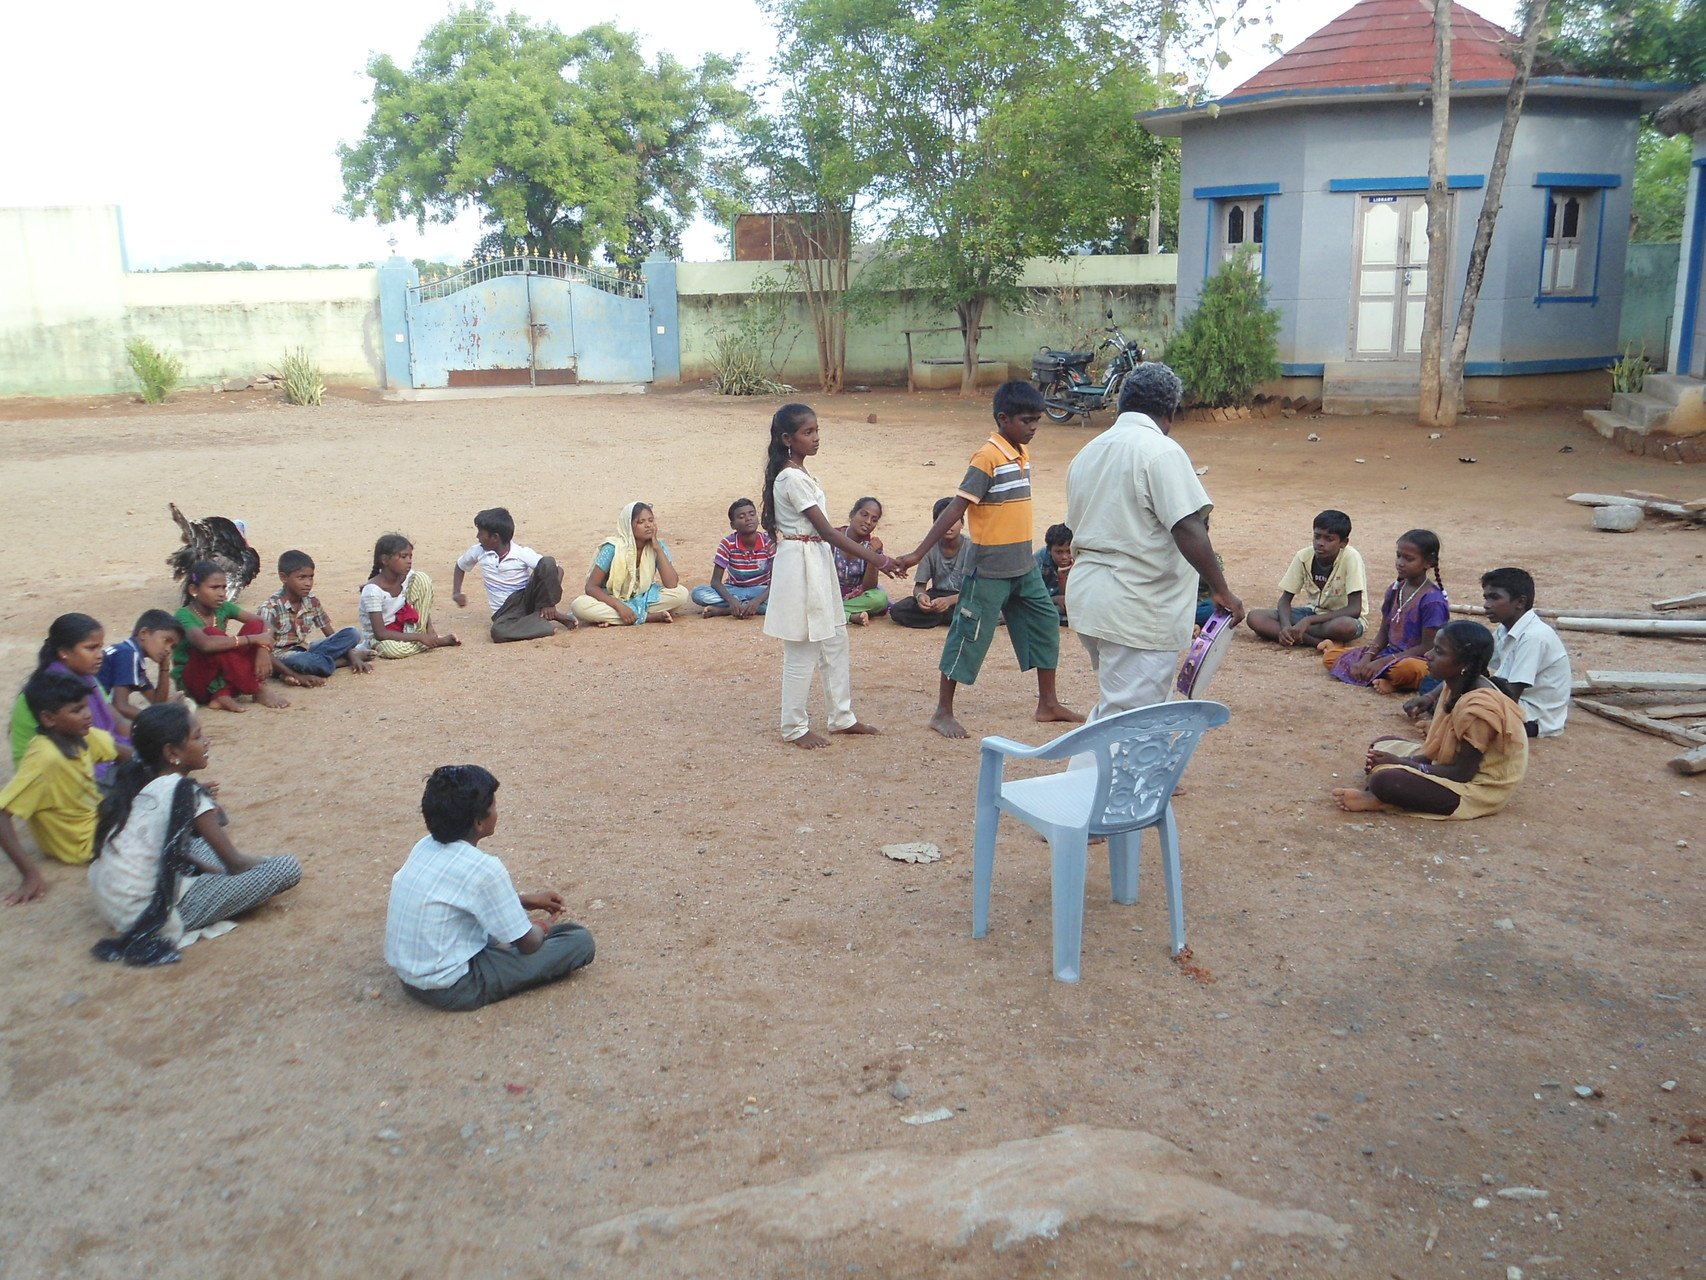 Eté 2014 - Jeu collectif dans la cour de Suvasam avec Murugan